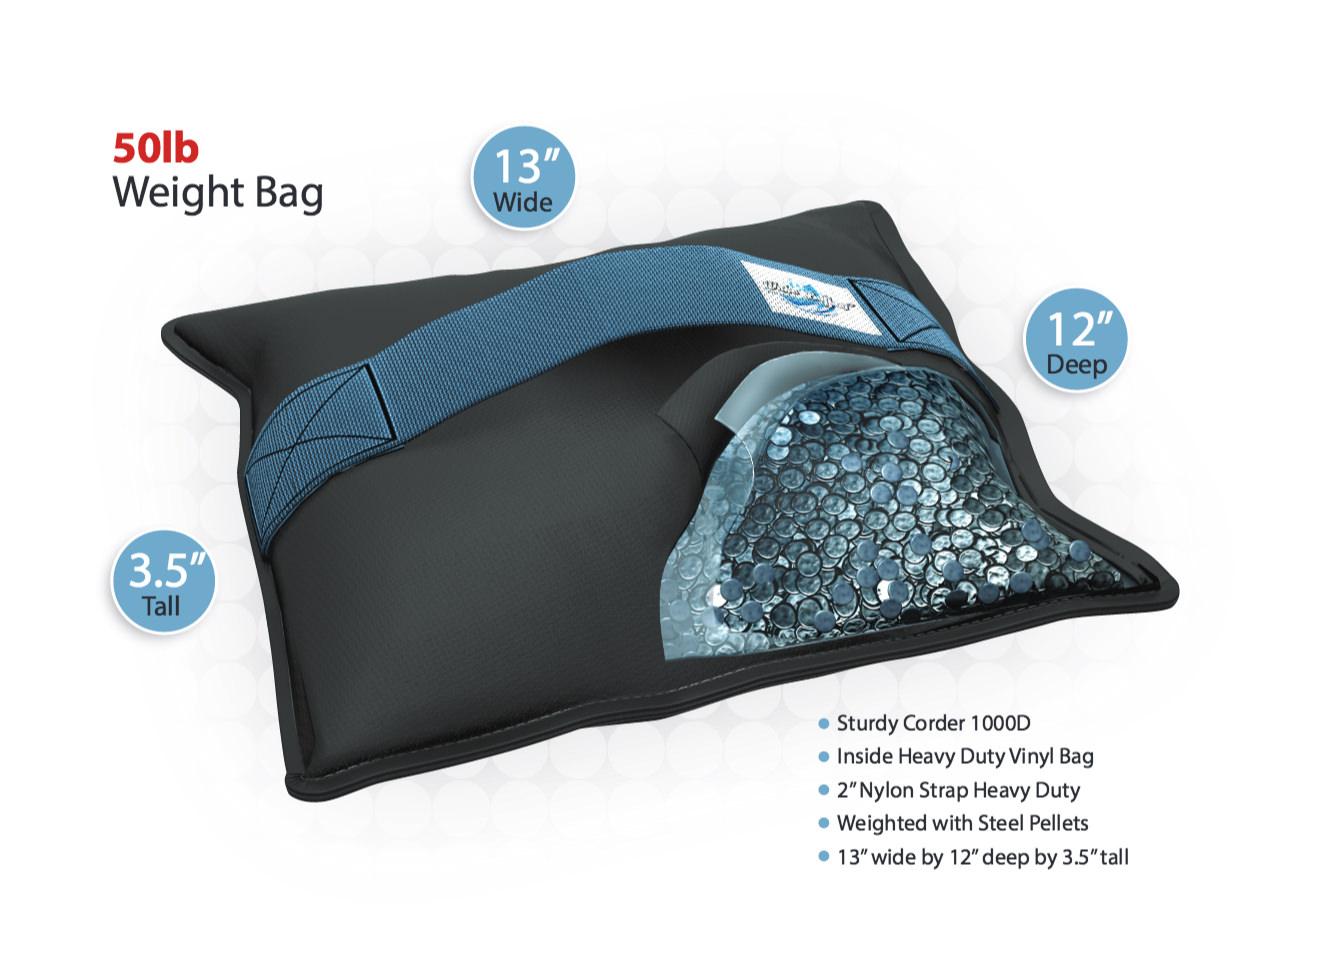 Lead Wake Steel Bags